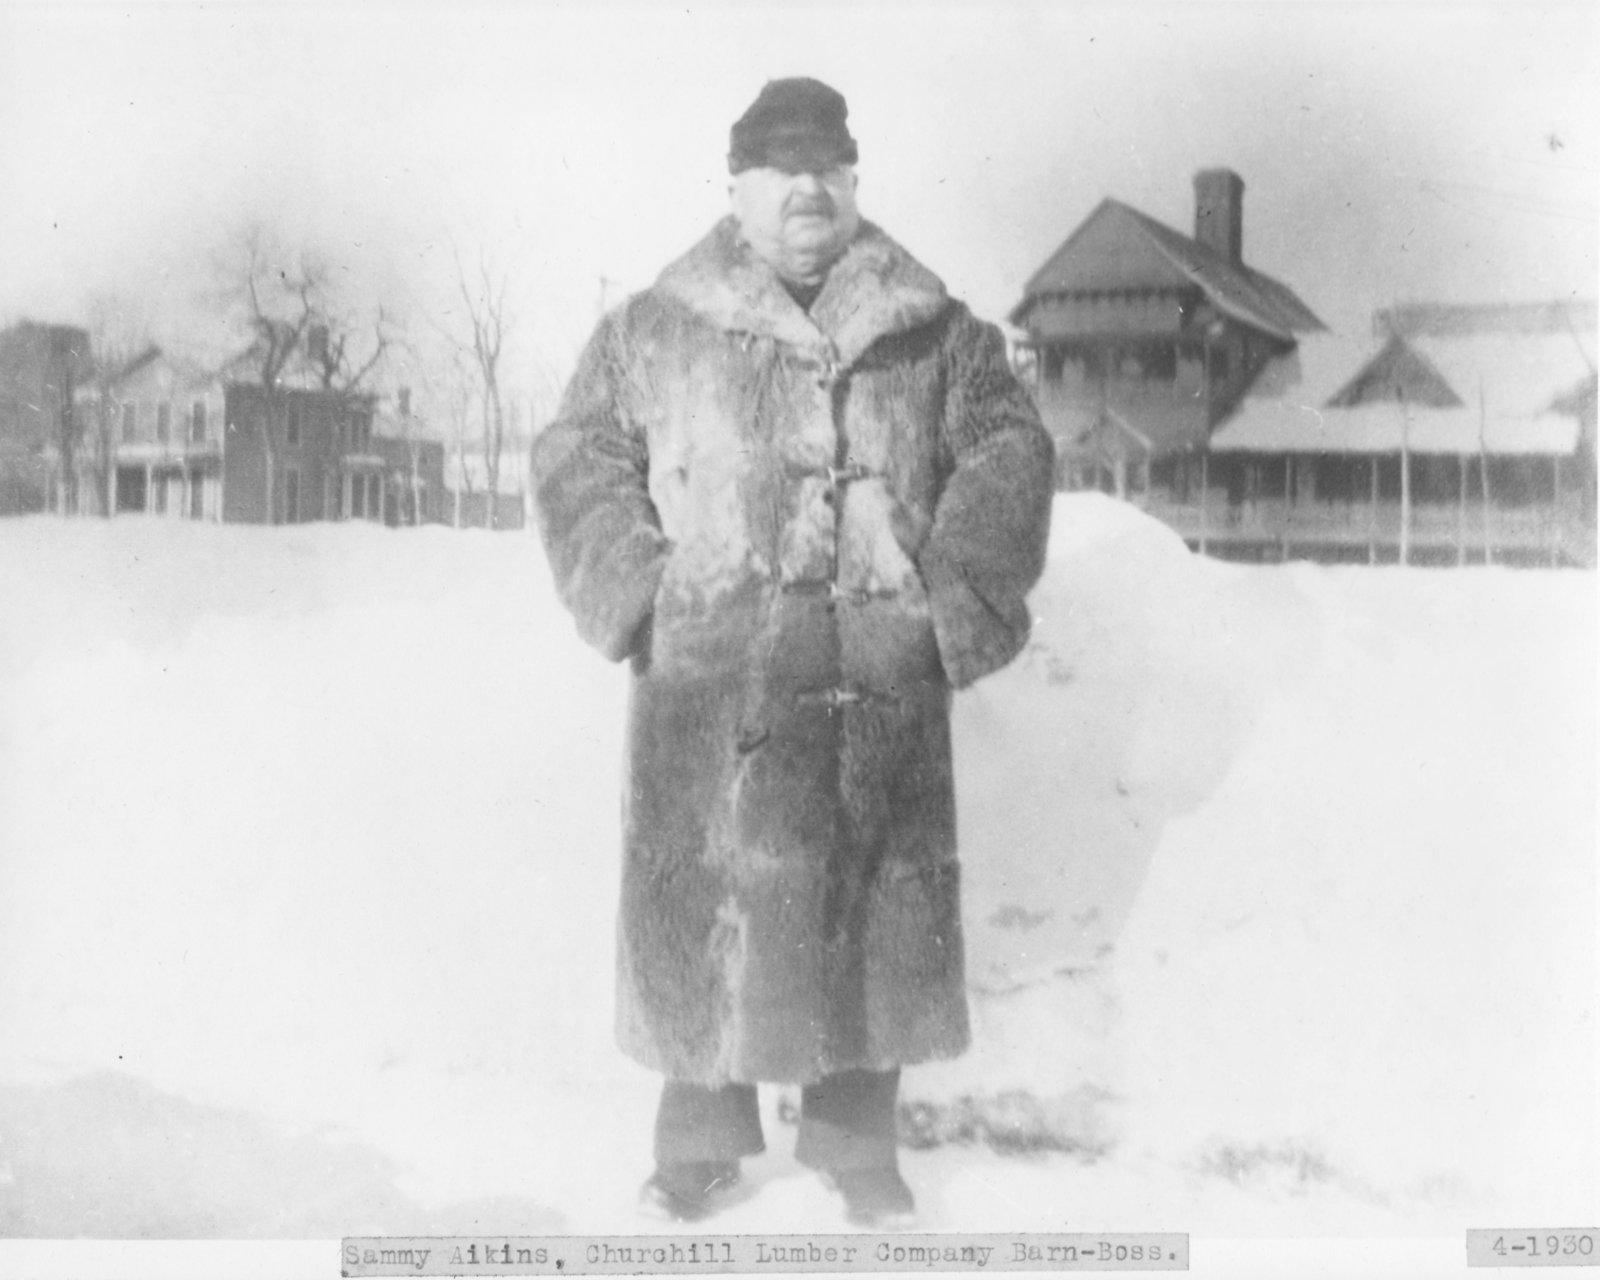 Sammy Aikins, Churchill Lumber Company Barn-Boss